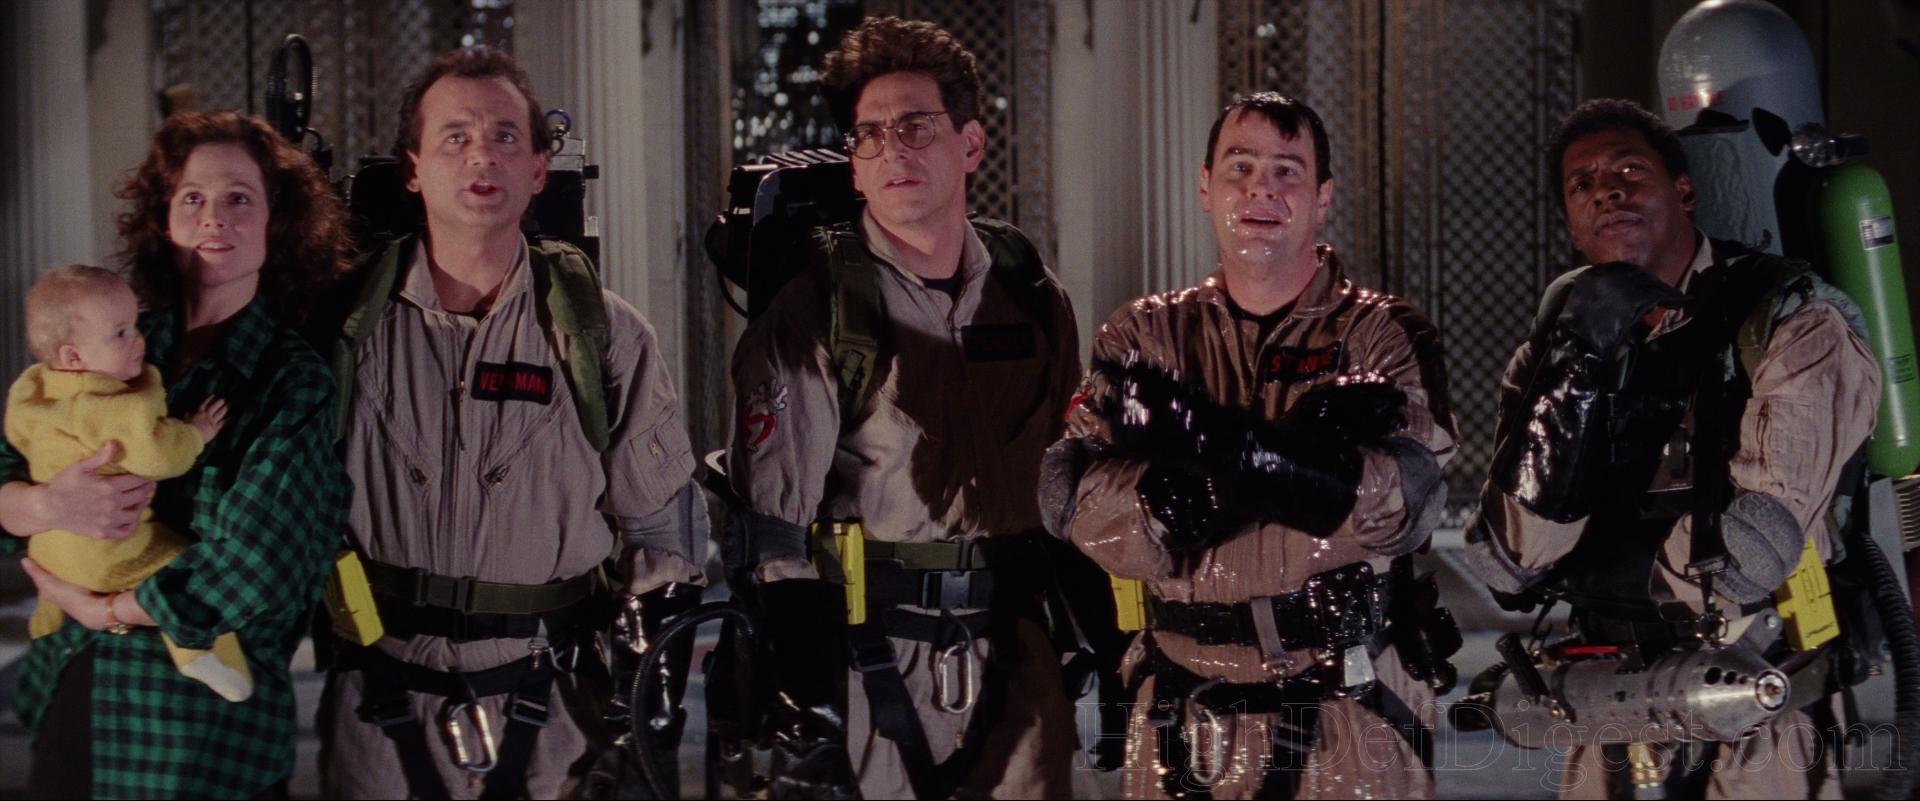 Ghostbusters II - Acchiappafantasmi II - Wikipedia